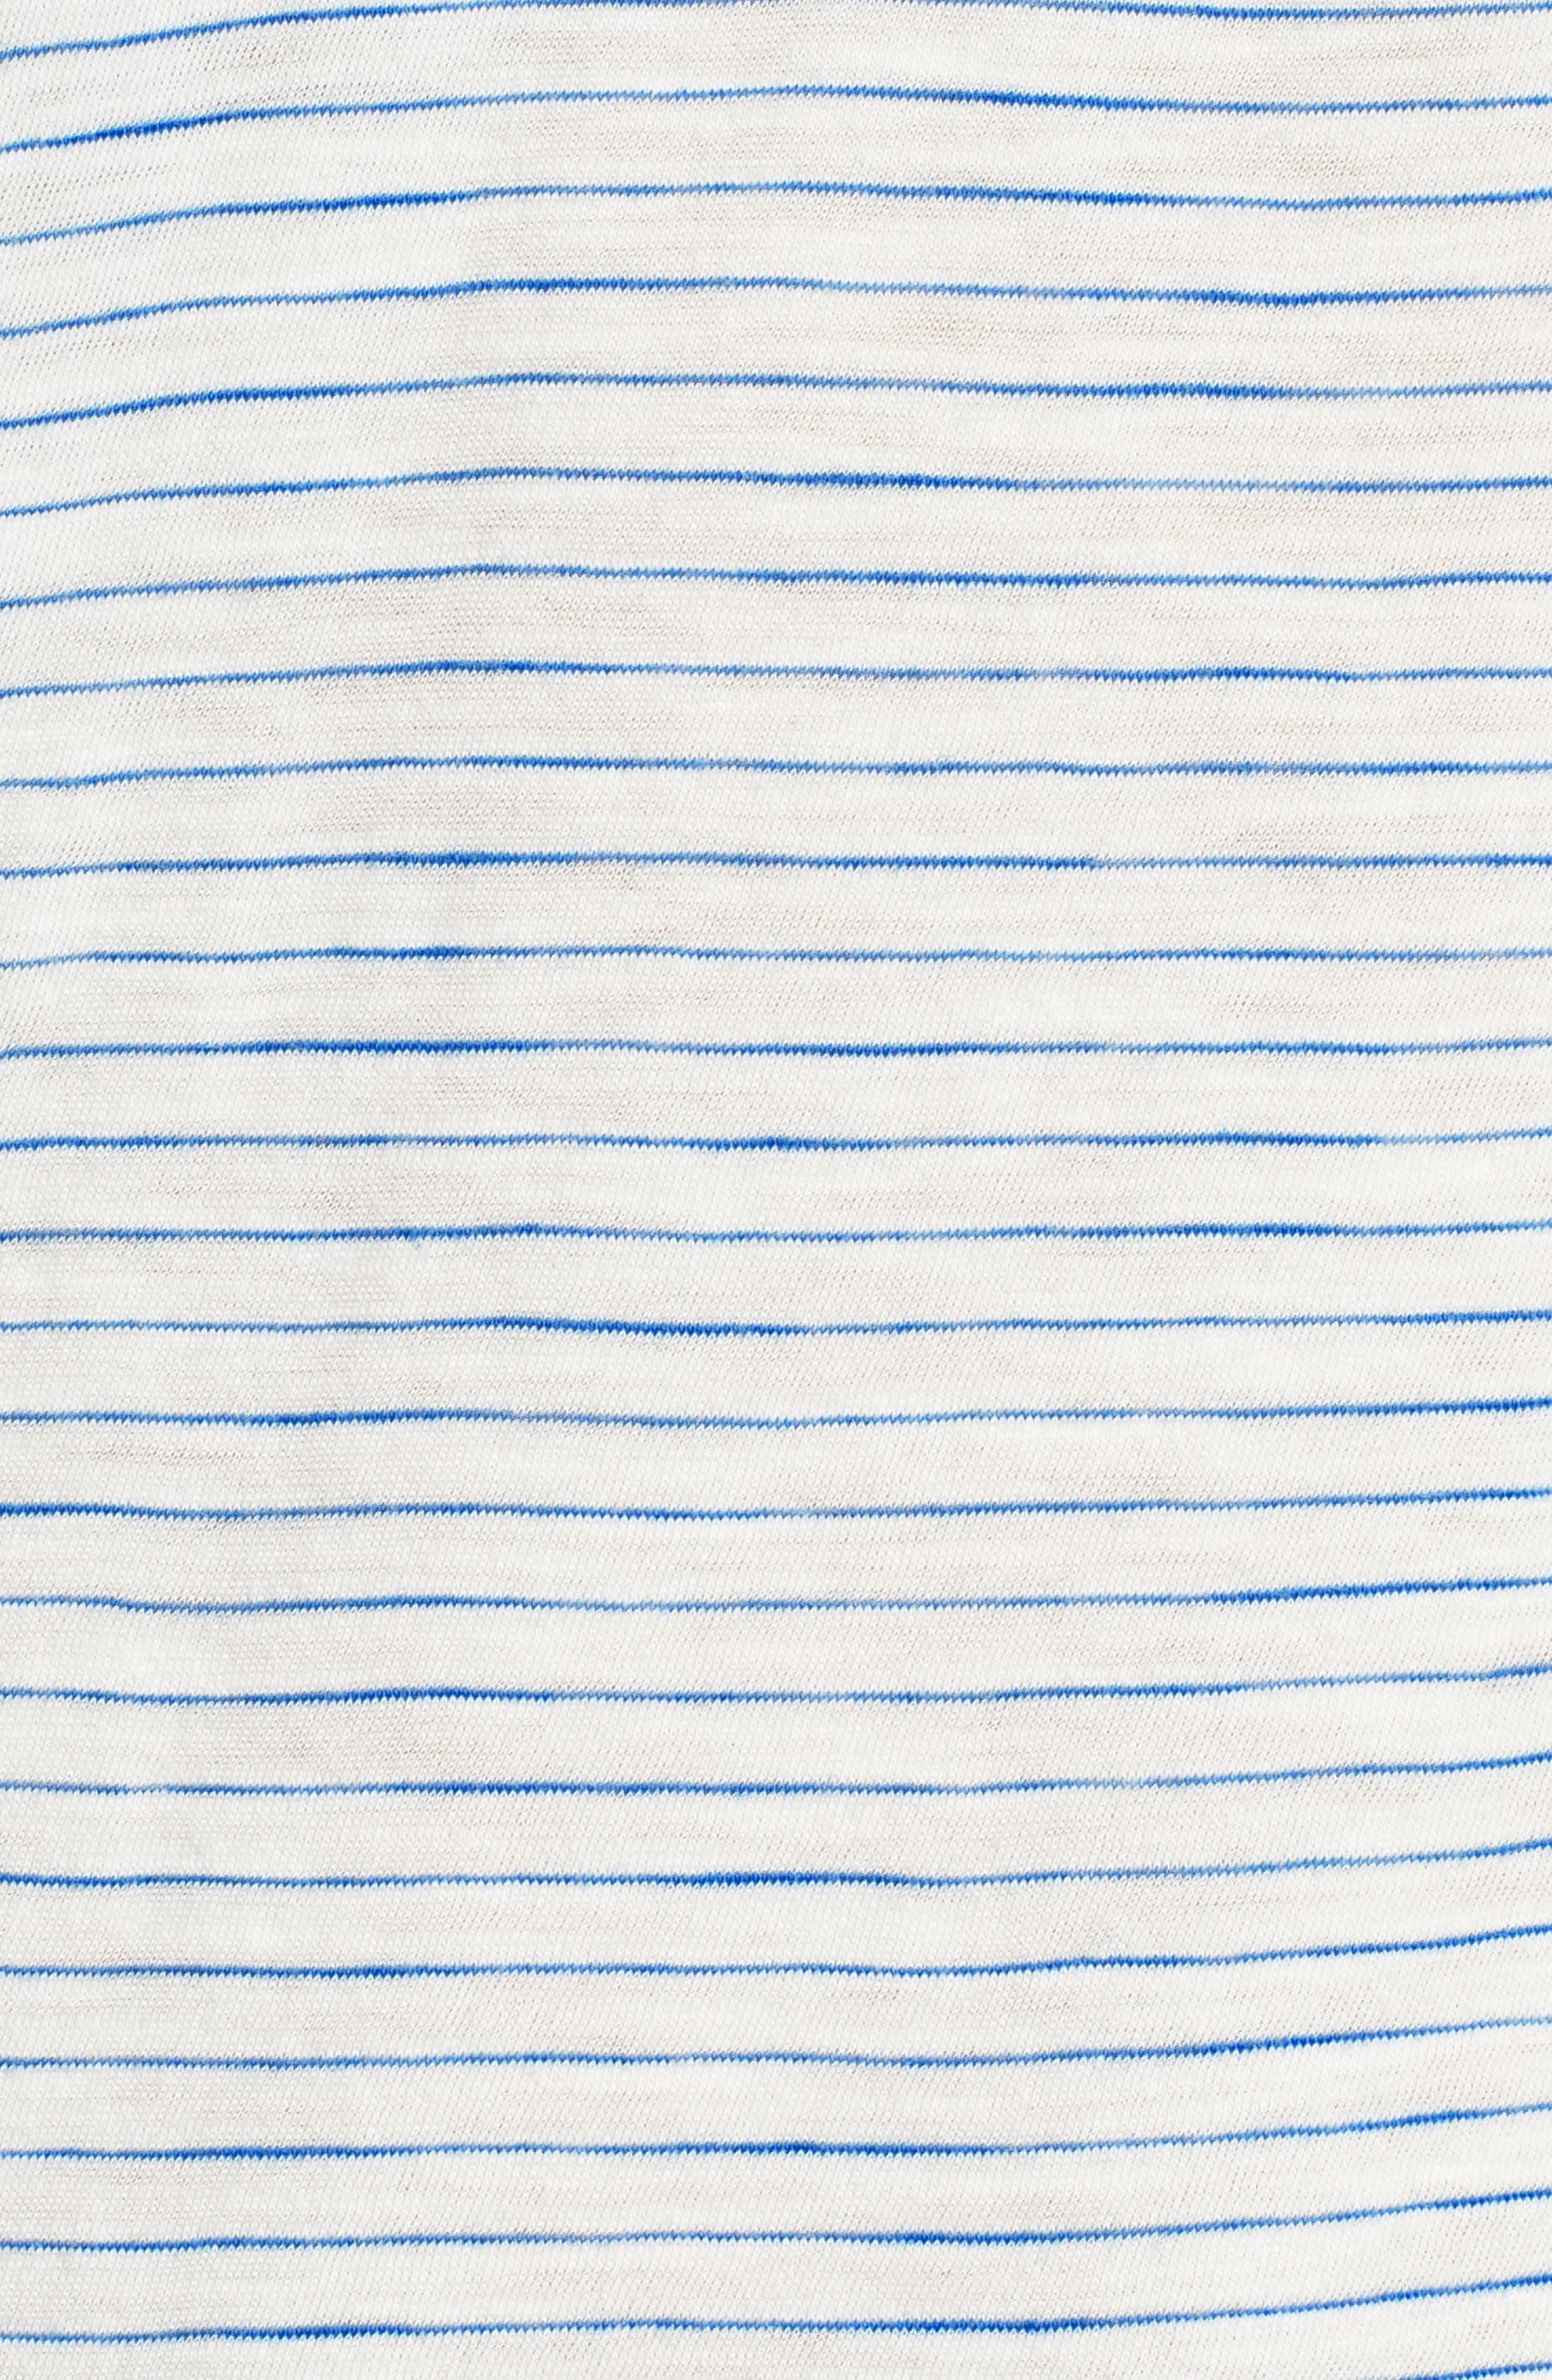 Whisper Cotton Stripe V-Neck Tee,                             Alternate thumbnail 6, color,                             BRIGHT IVORY